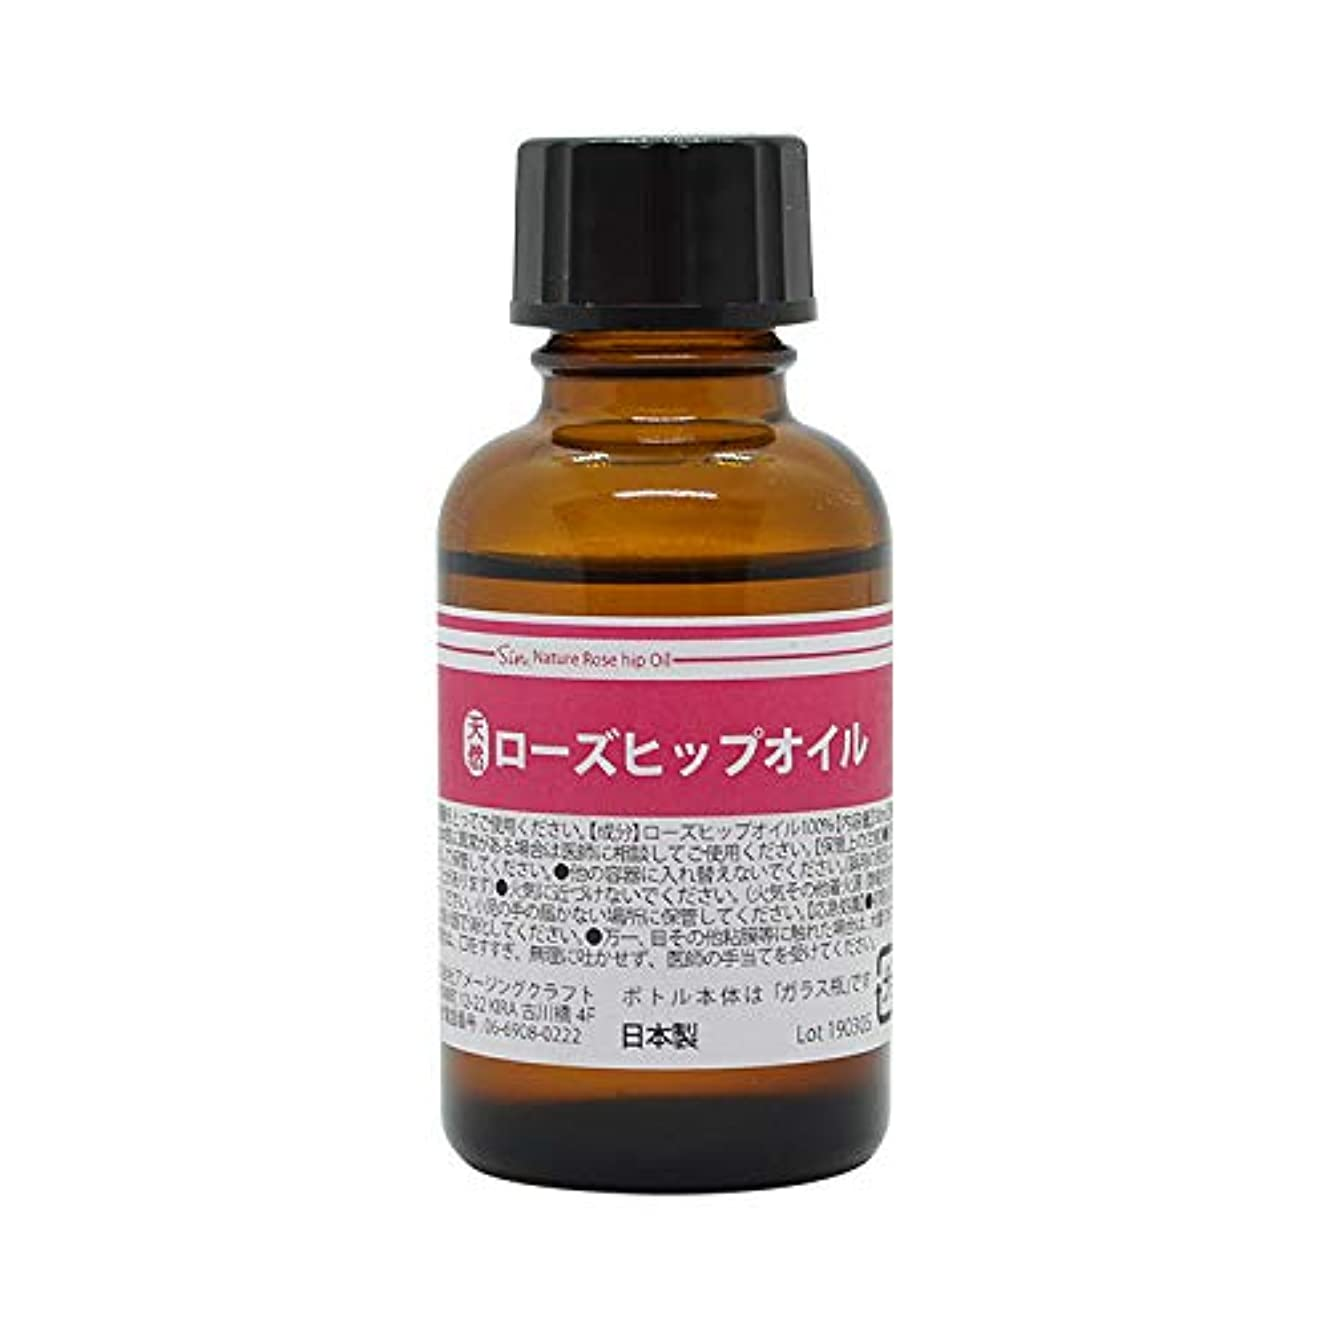 処分した患者締める天然無添加 国内精製 ローズヒップオイル 30ml キャリアオイル